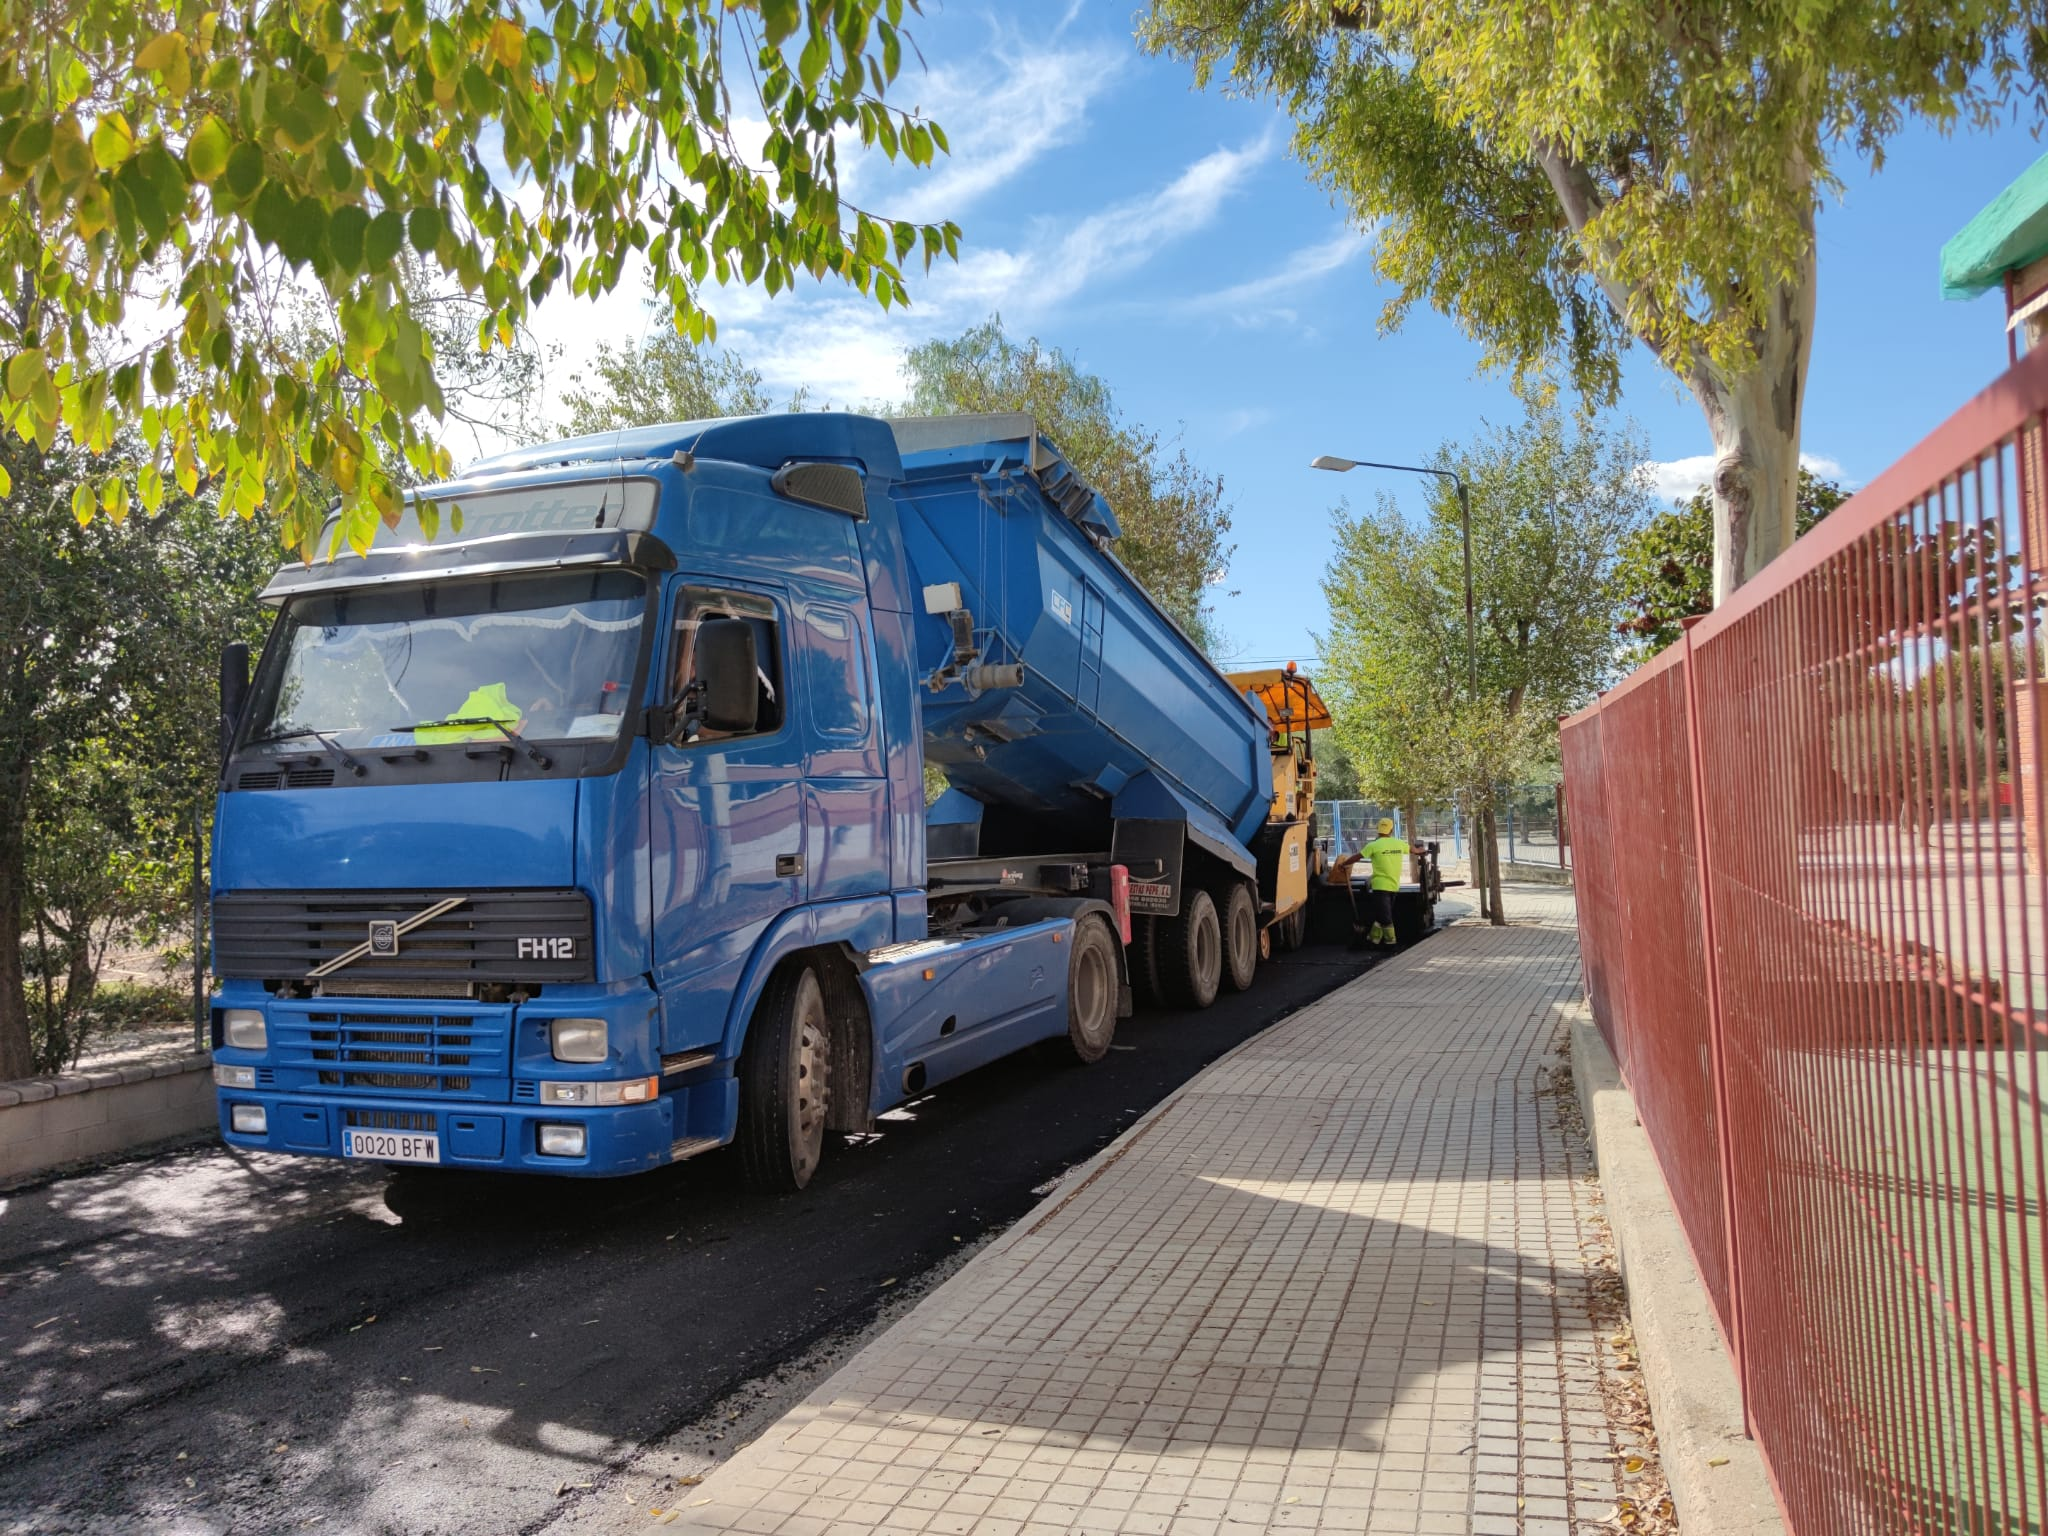 Servicios Públicos reasfalta la calle Maestro José Sedano para mejorar el acceso al CEE Miguel de Cervantes